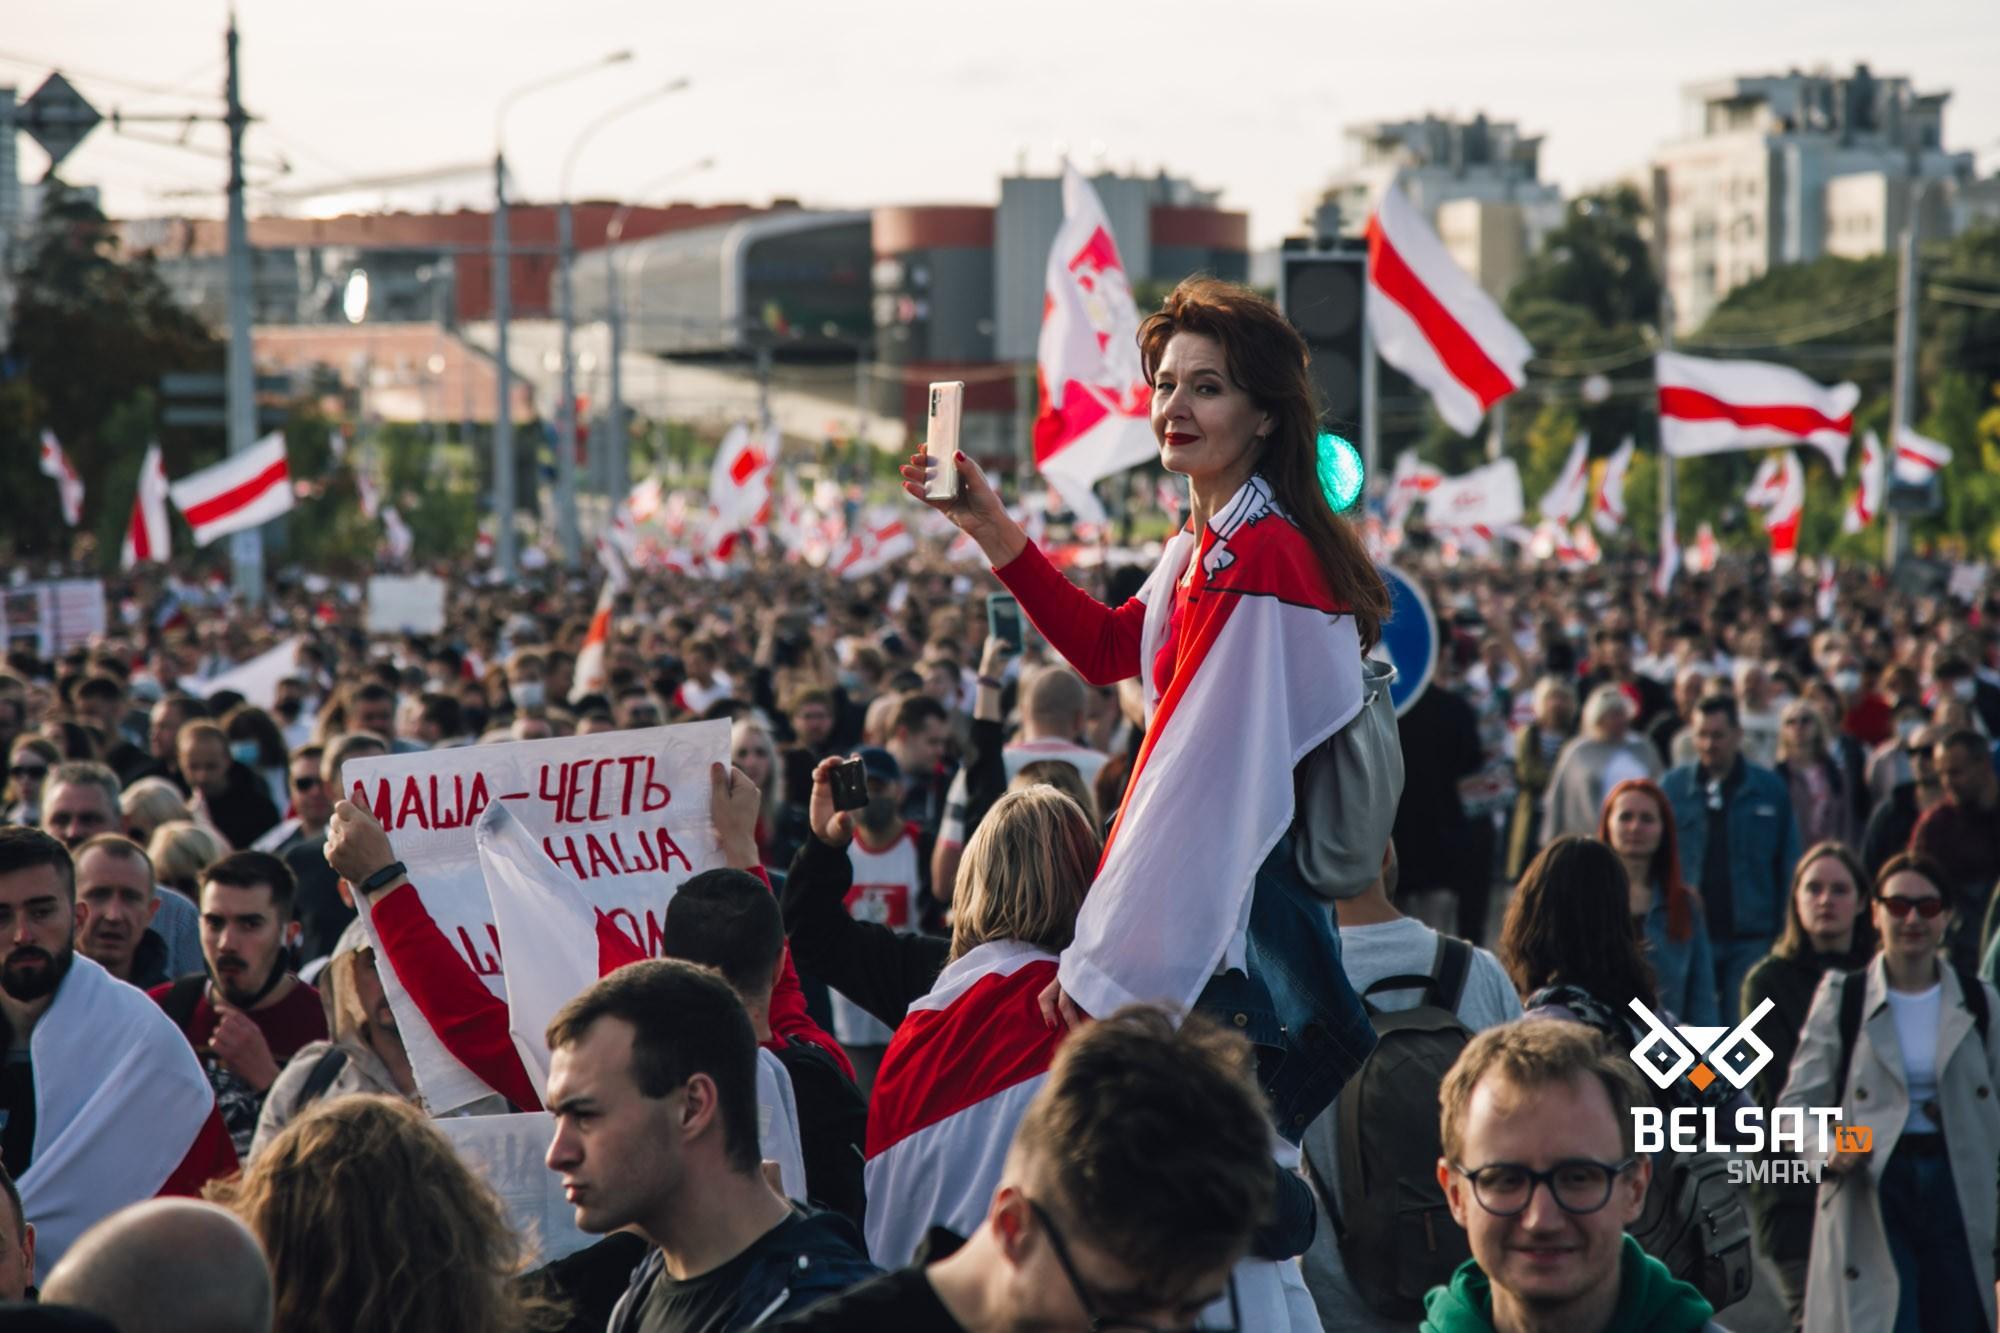 Марш герояў, Менск, 13 верасня 2020 г. Фота: ТК / «Белсат»